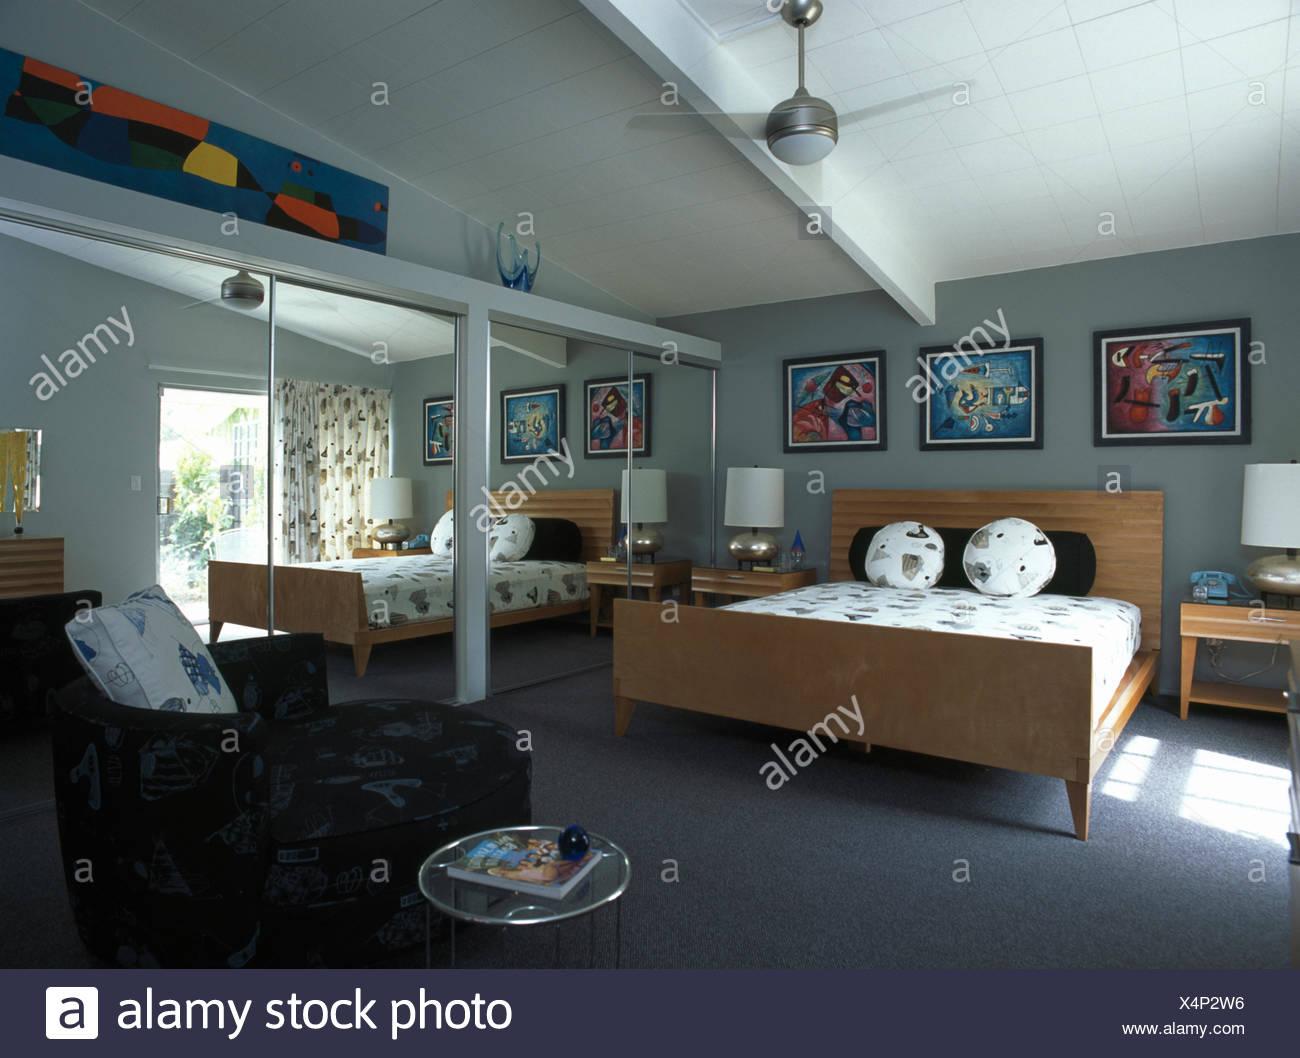 Camera Da Letto Legno Chiaro : Porte a specchio su armadi in camera da letto moderno con legno